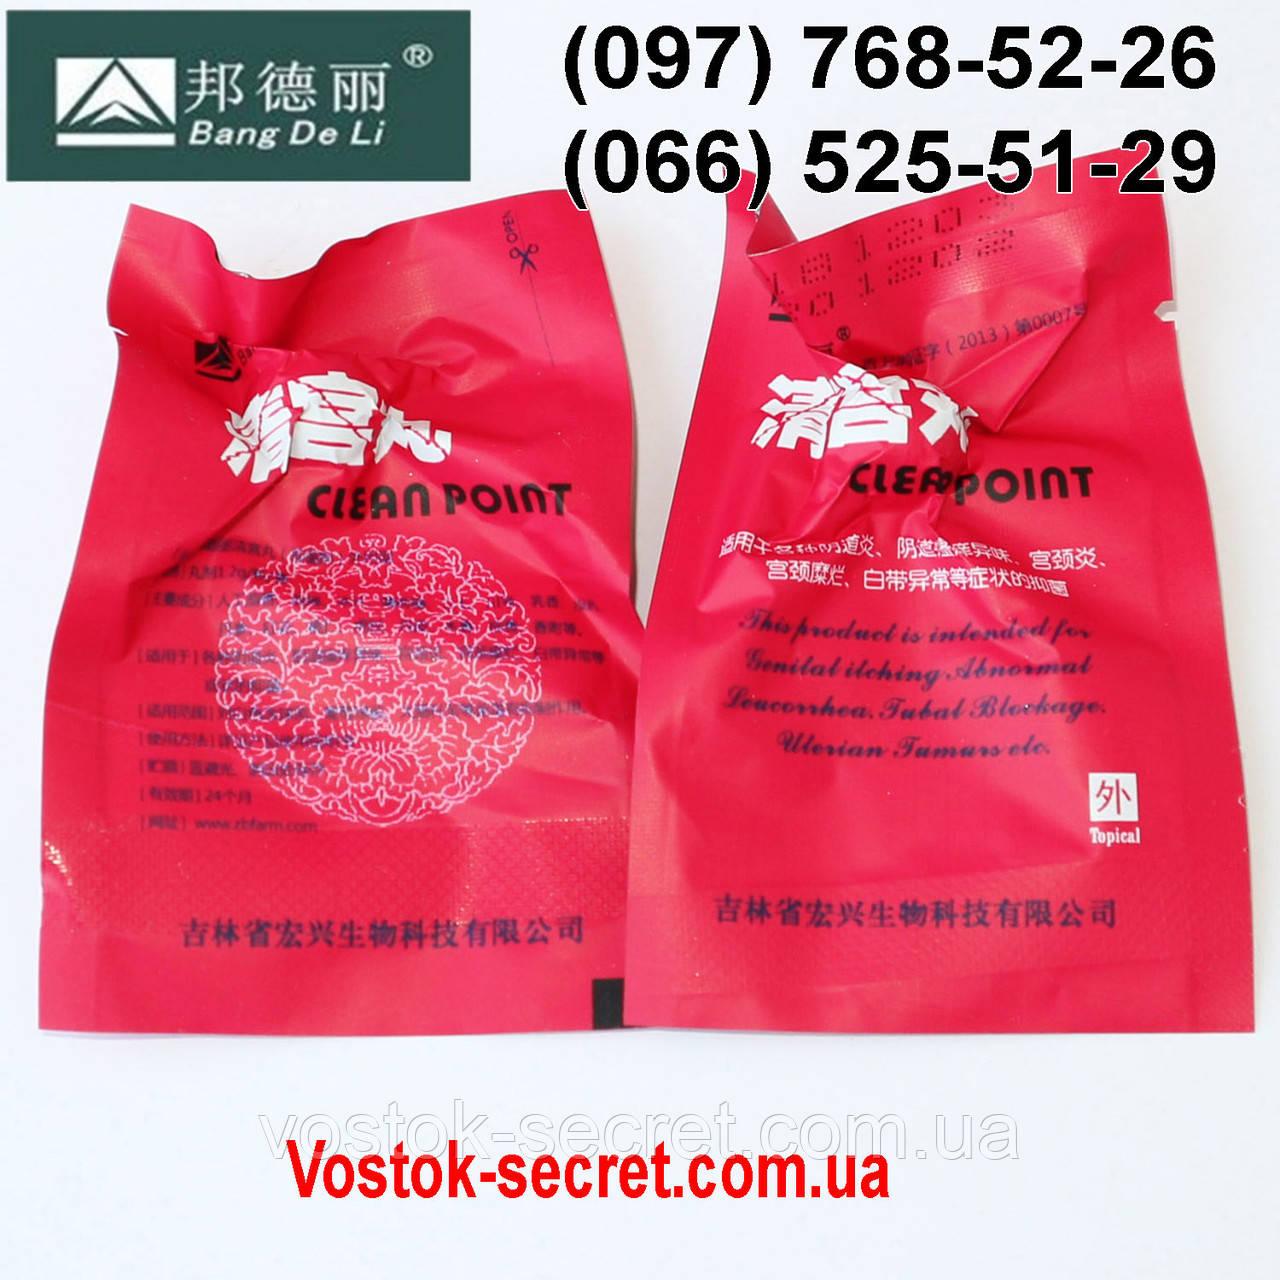 Лечебные китайские тампоны Clean Point  (Клин Поинт), срок годности до 12.2020г.